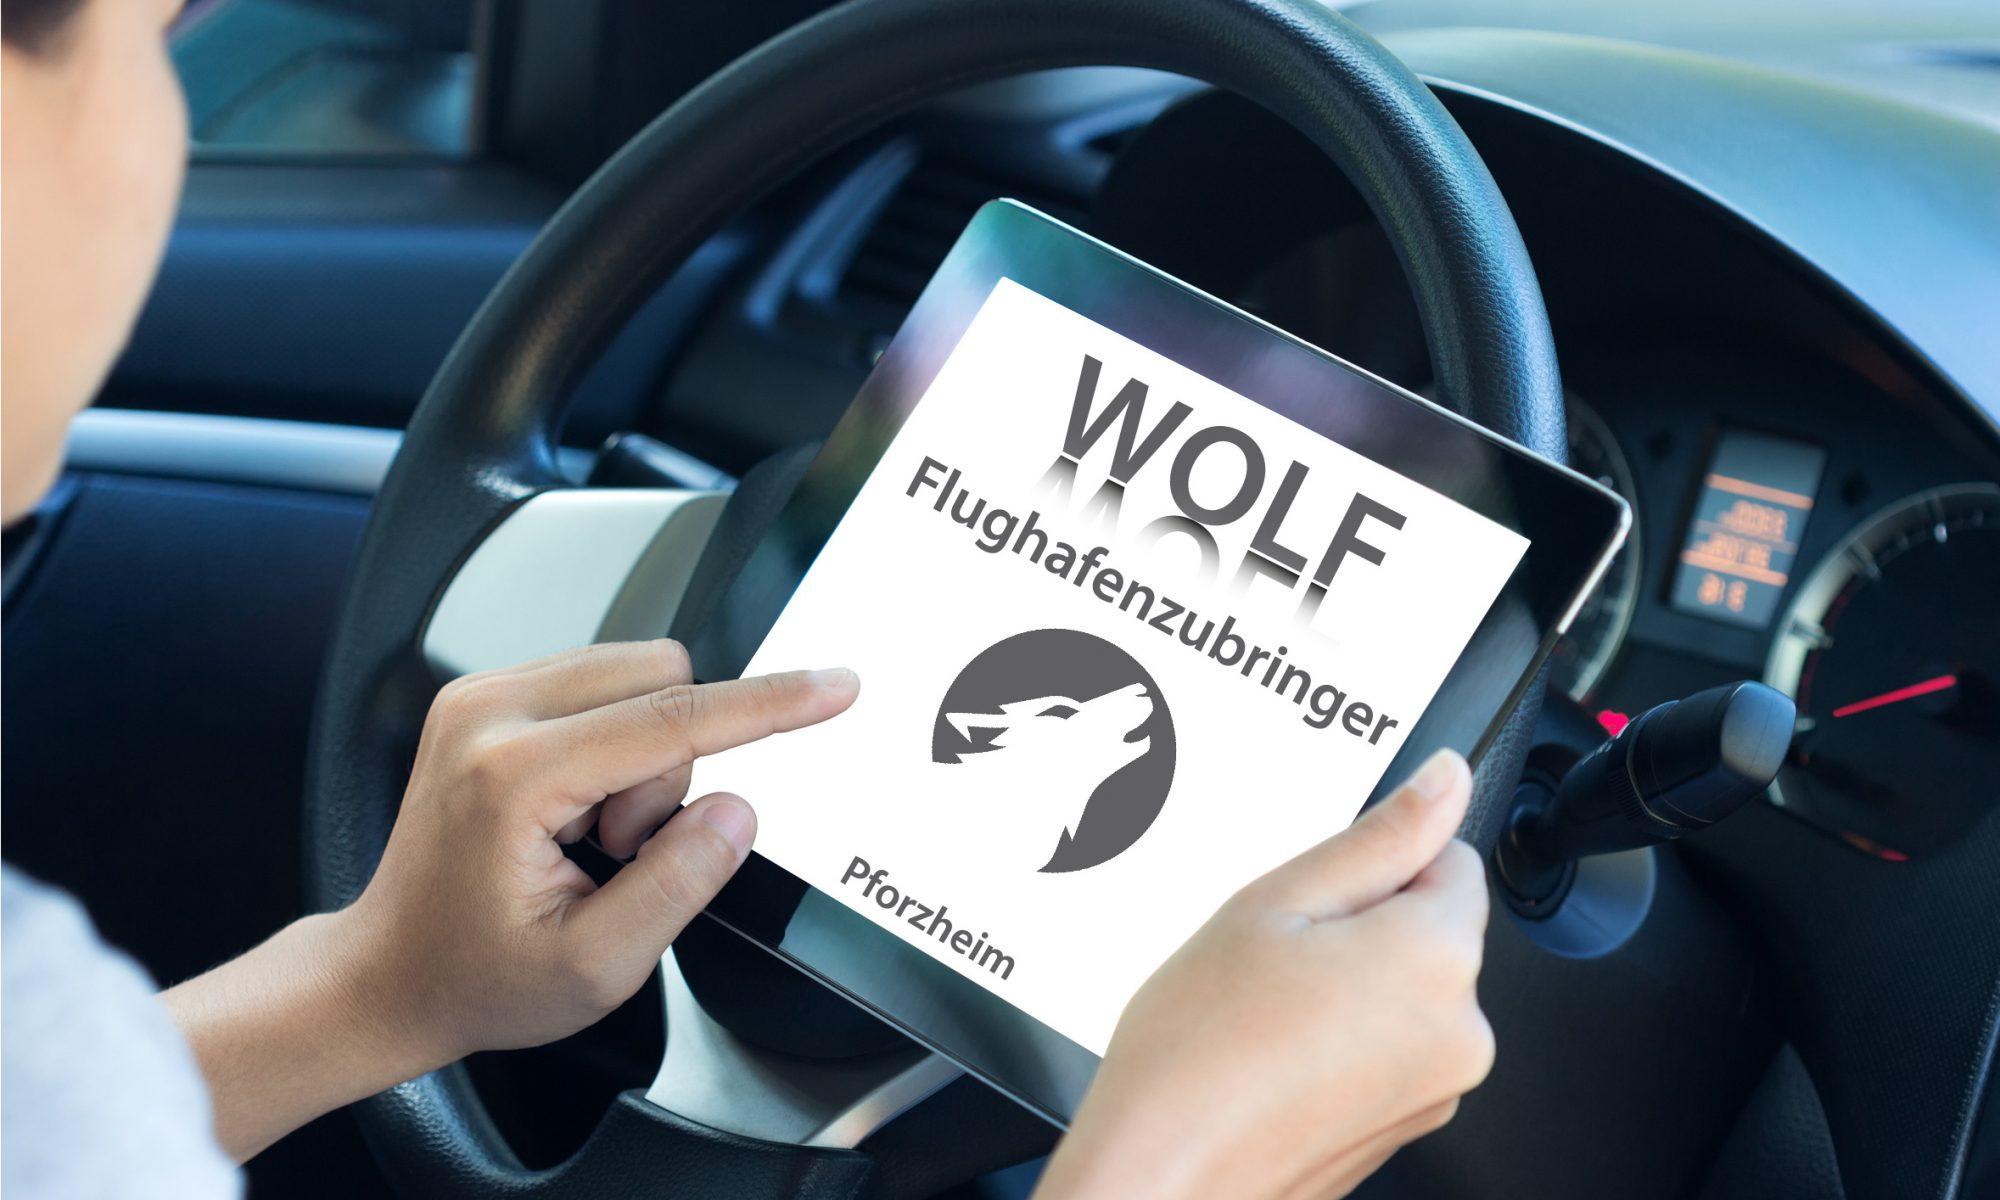 Kontakt Beitragsbild WOLF Flughafenzubringer Pforzheim